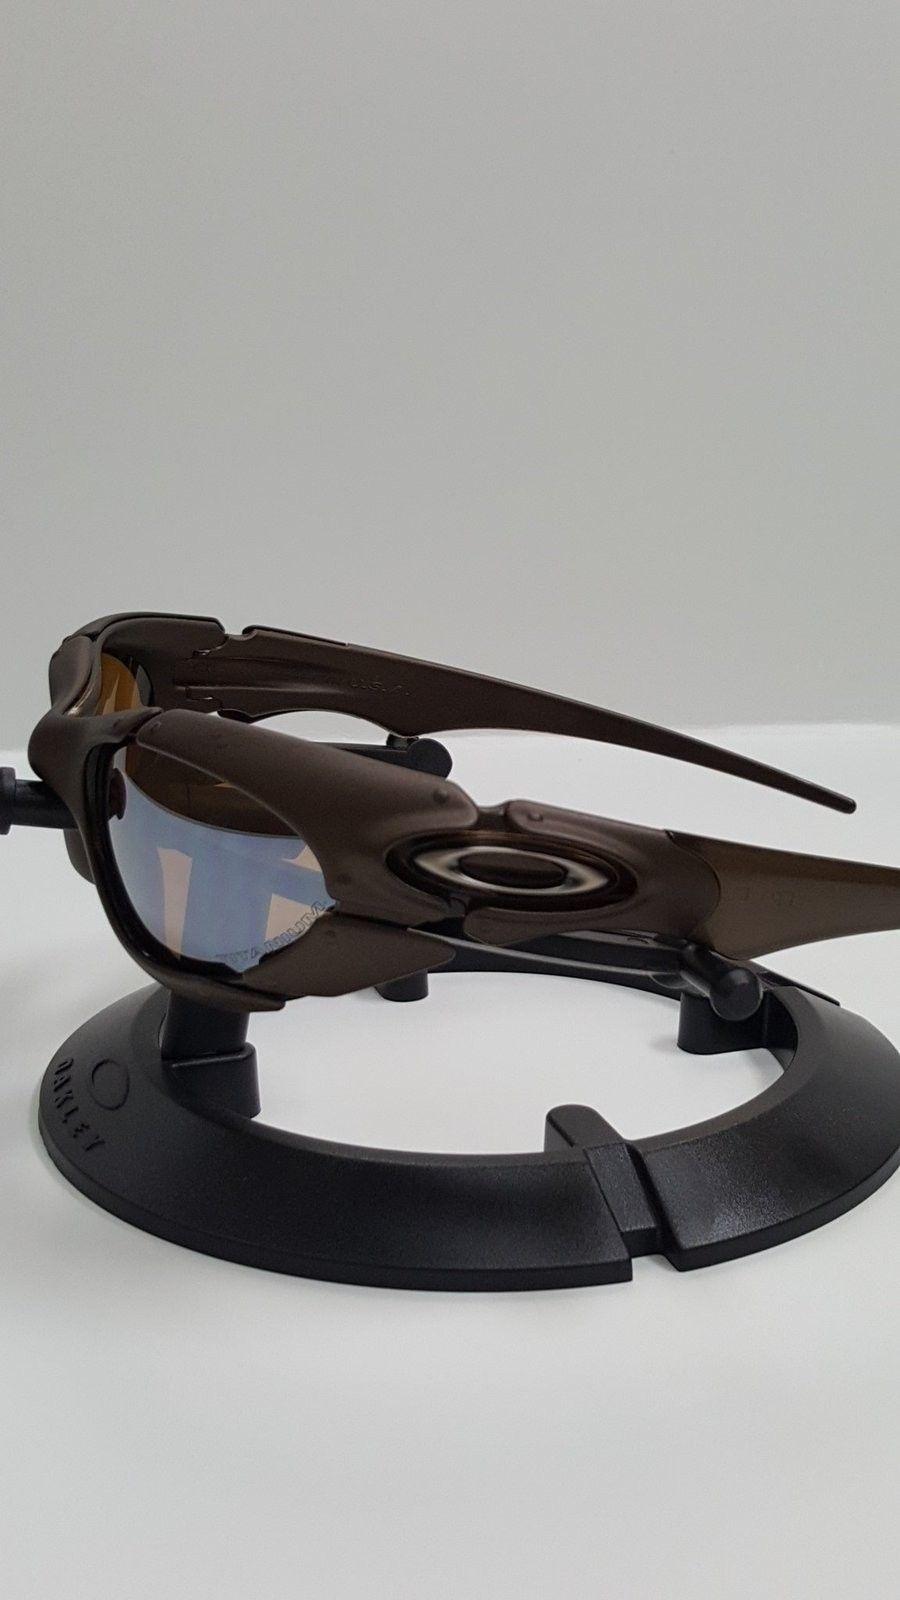 Plate - Bronze - Small Scuff - 225.00 Shipped - 20151012_135250.jpg.jpeg